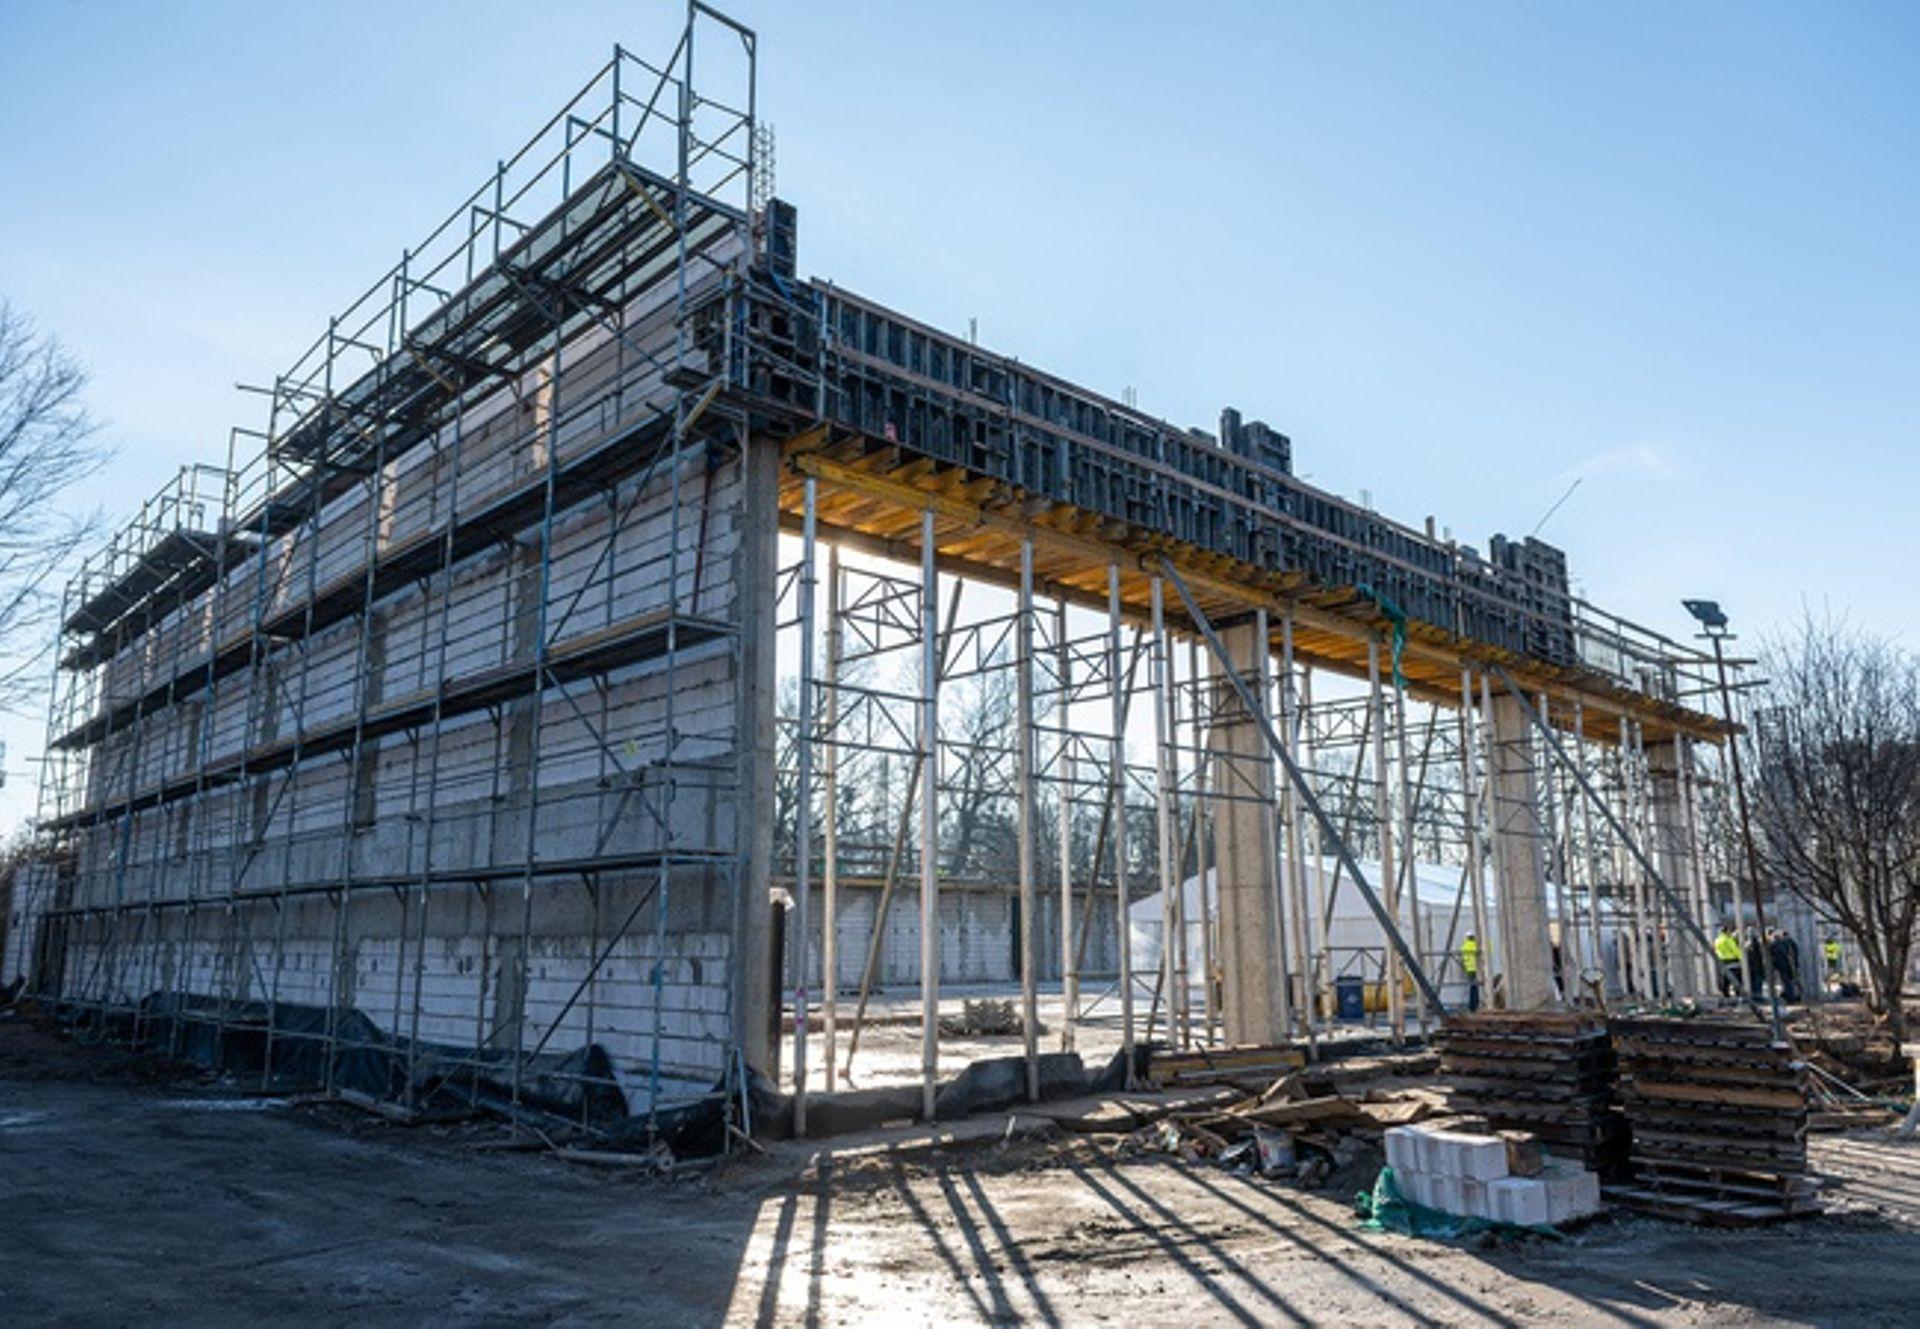 Wrocław: Wmurowano kamień węgielny na budowie nowej hali sportowej przy ulicy Racławickiej [FILM]